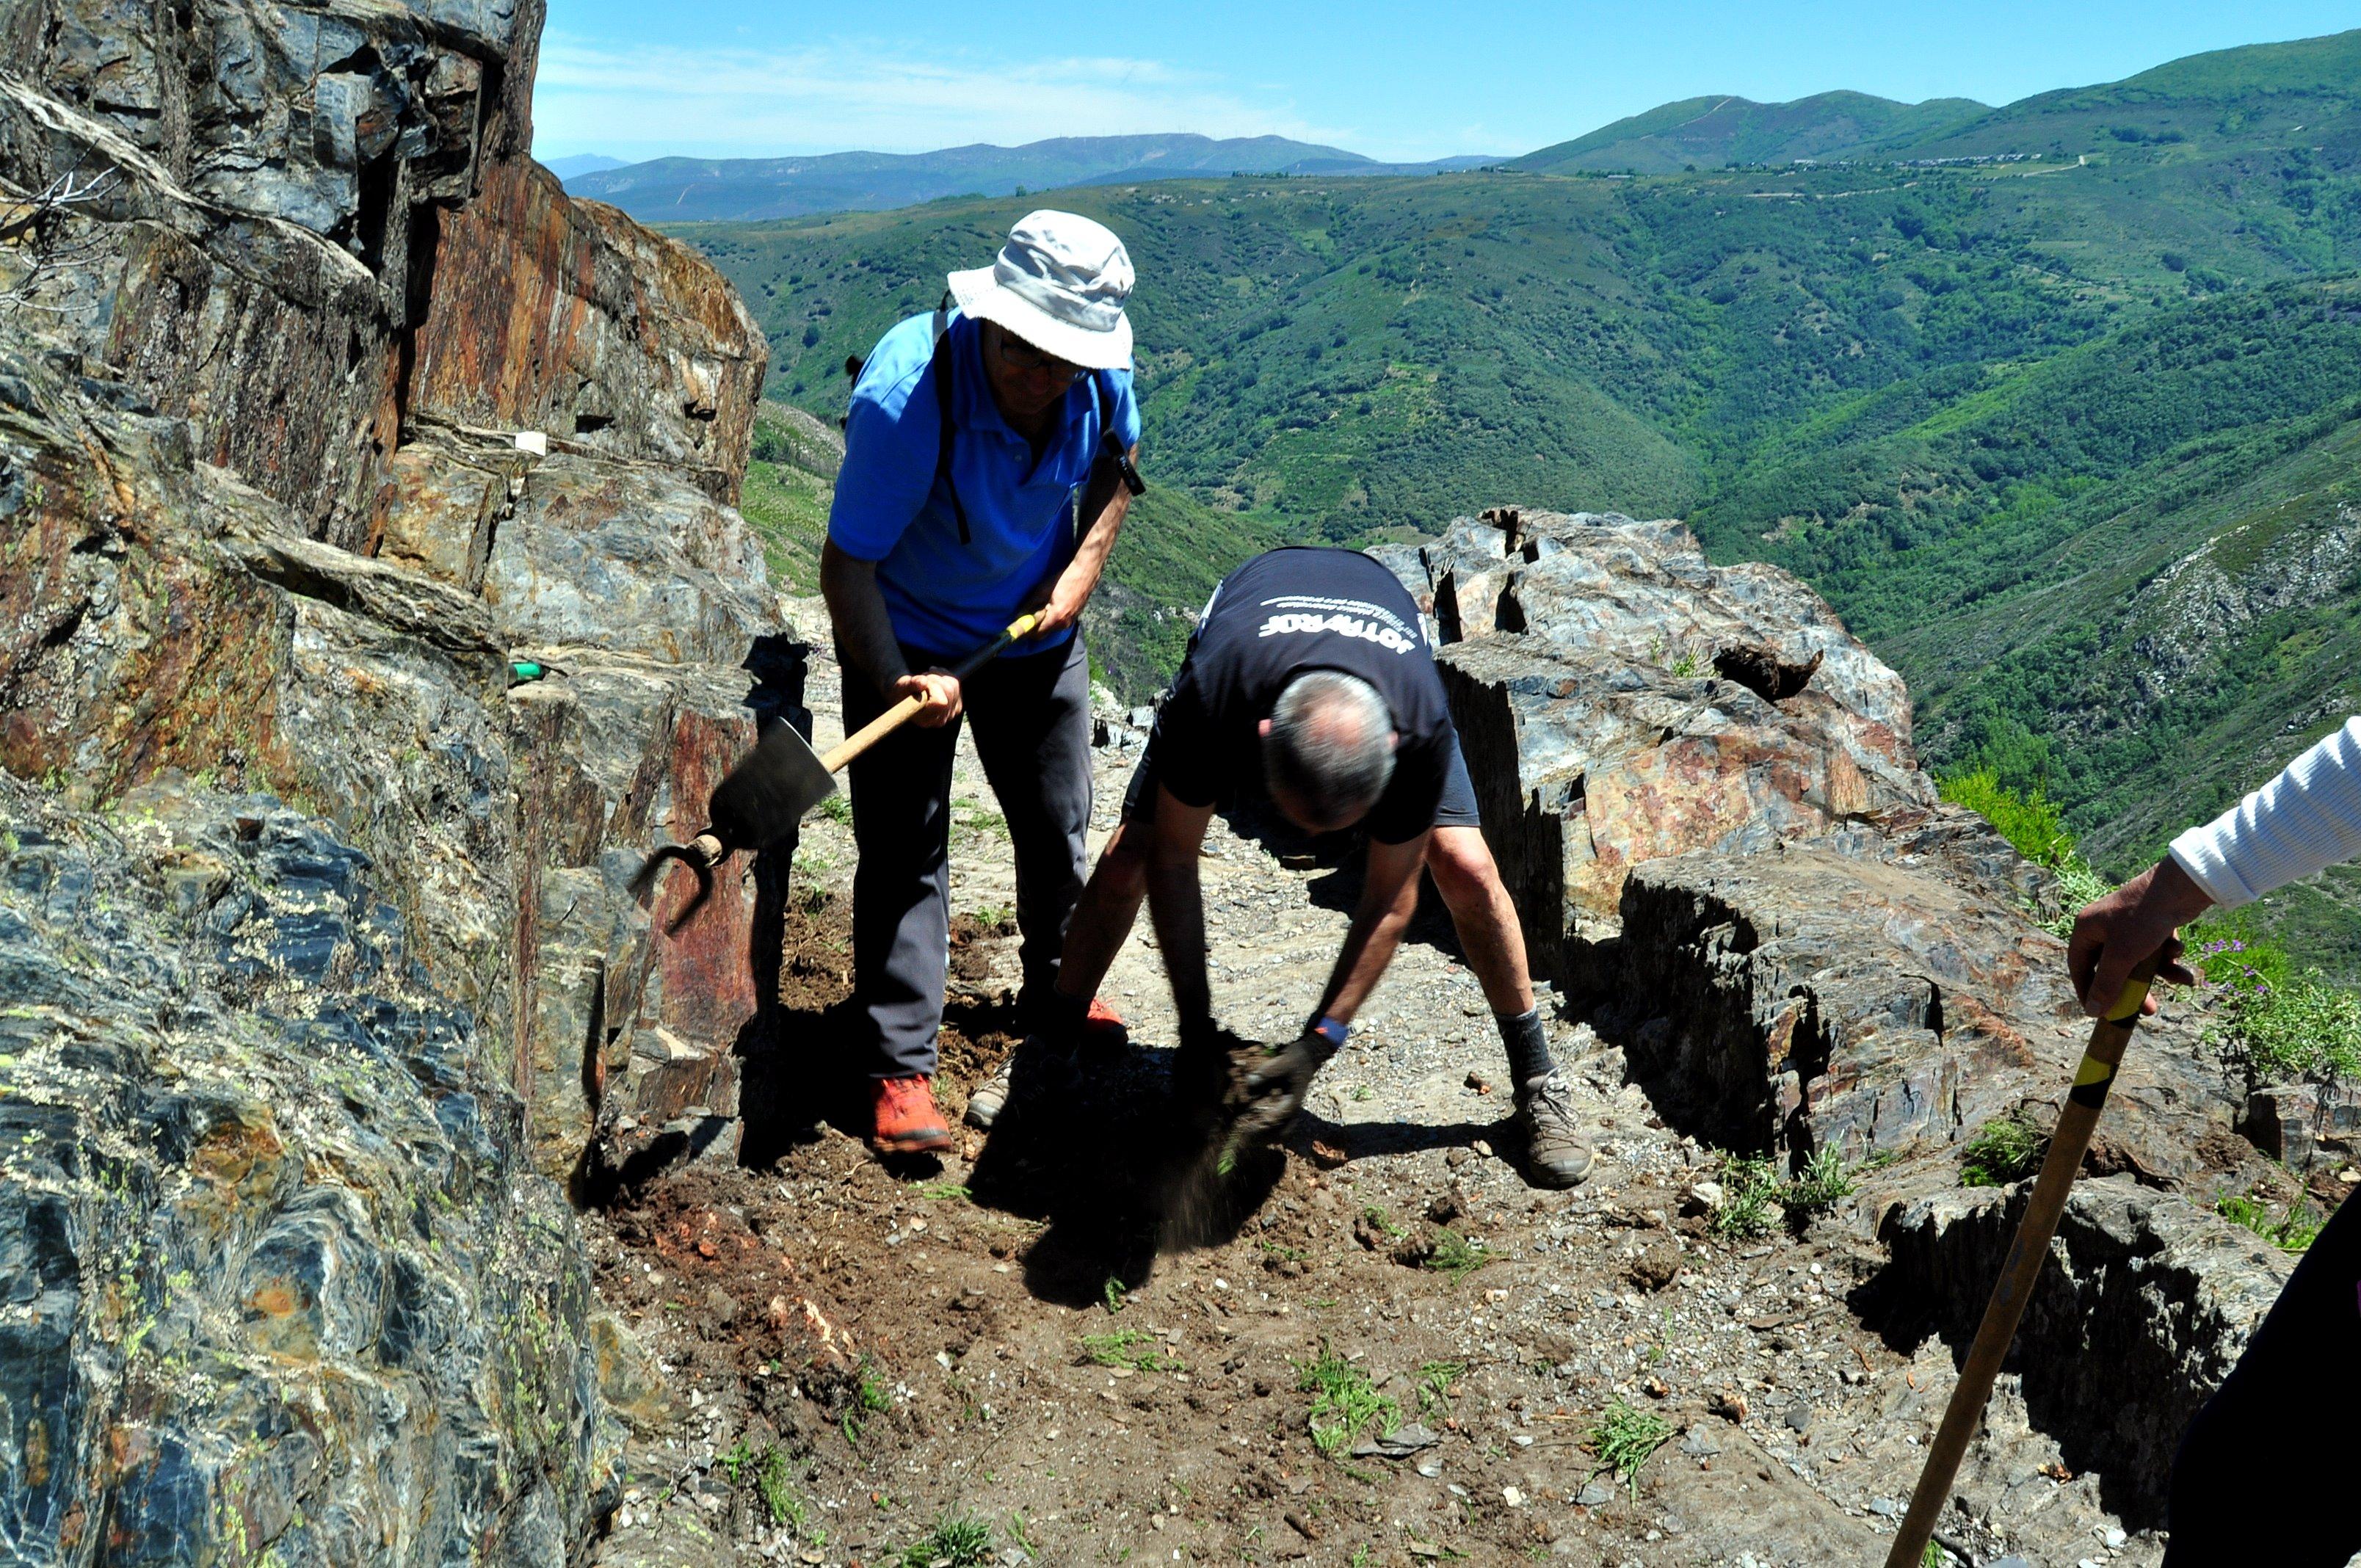 Limpiando uno de los cajeados en roca.